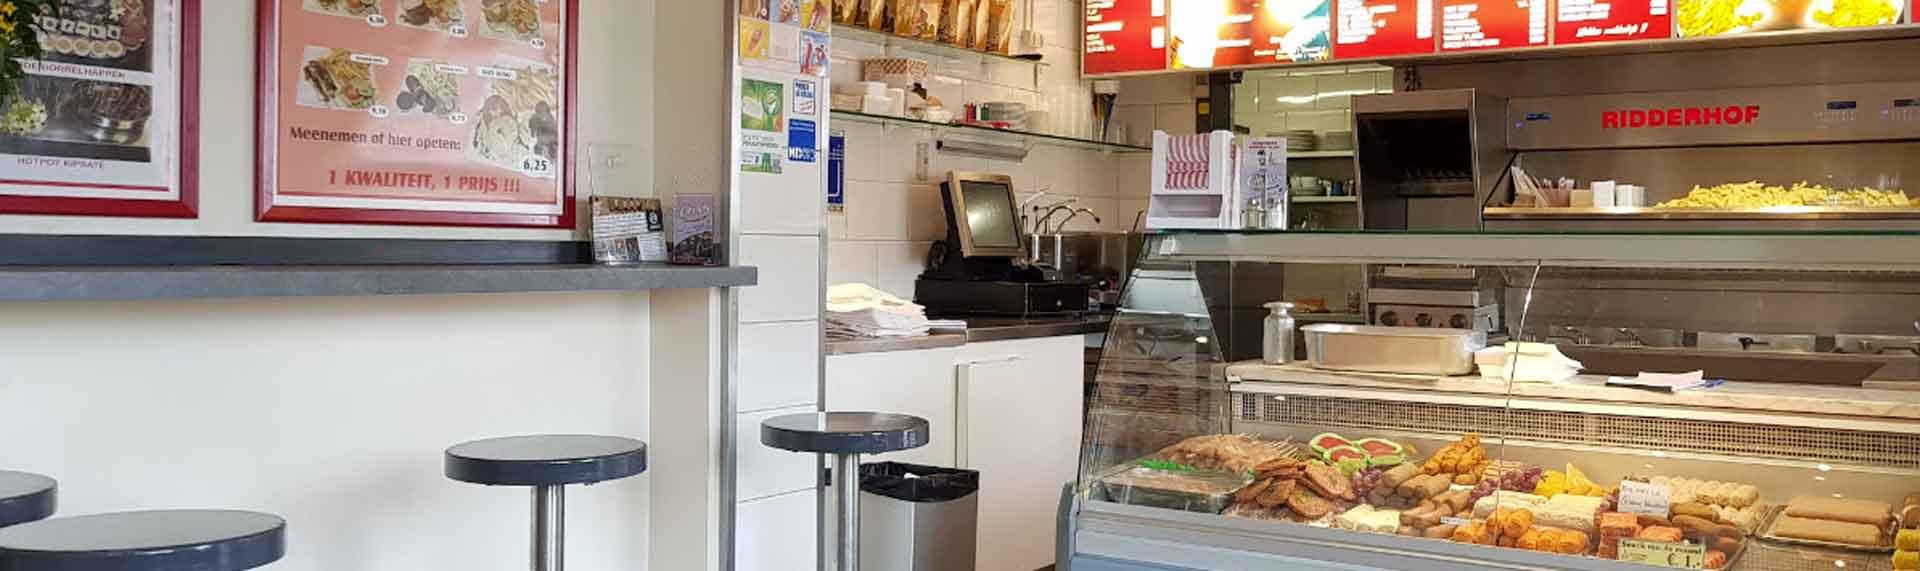 Snackbar-Ridderhof nieuw vennep